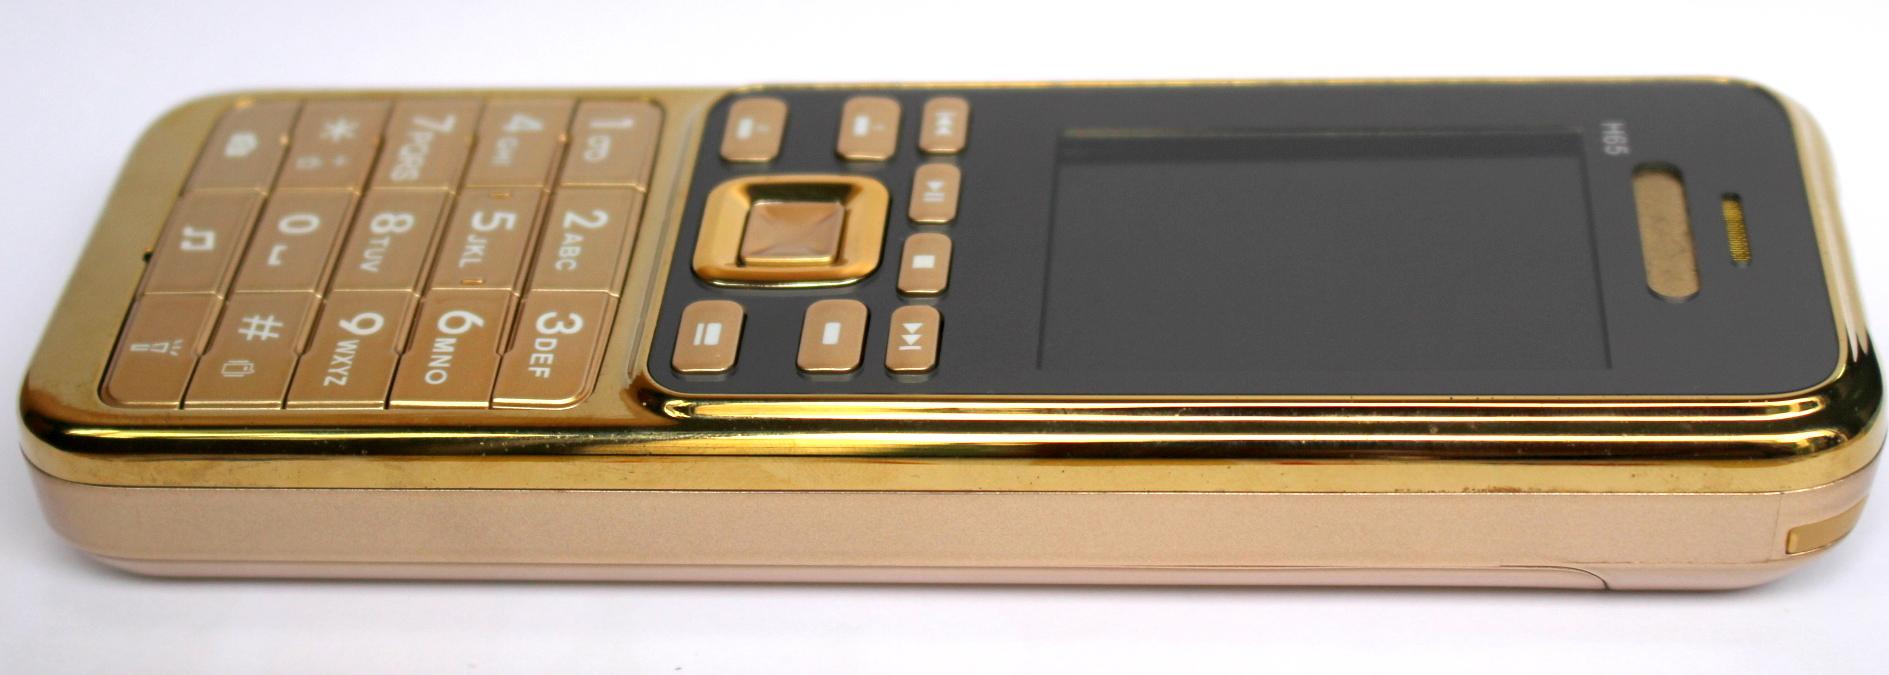 Điện thoại pin khủng H65